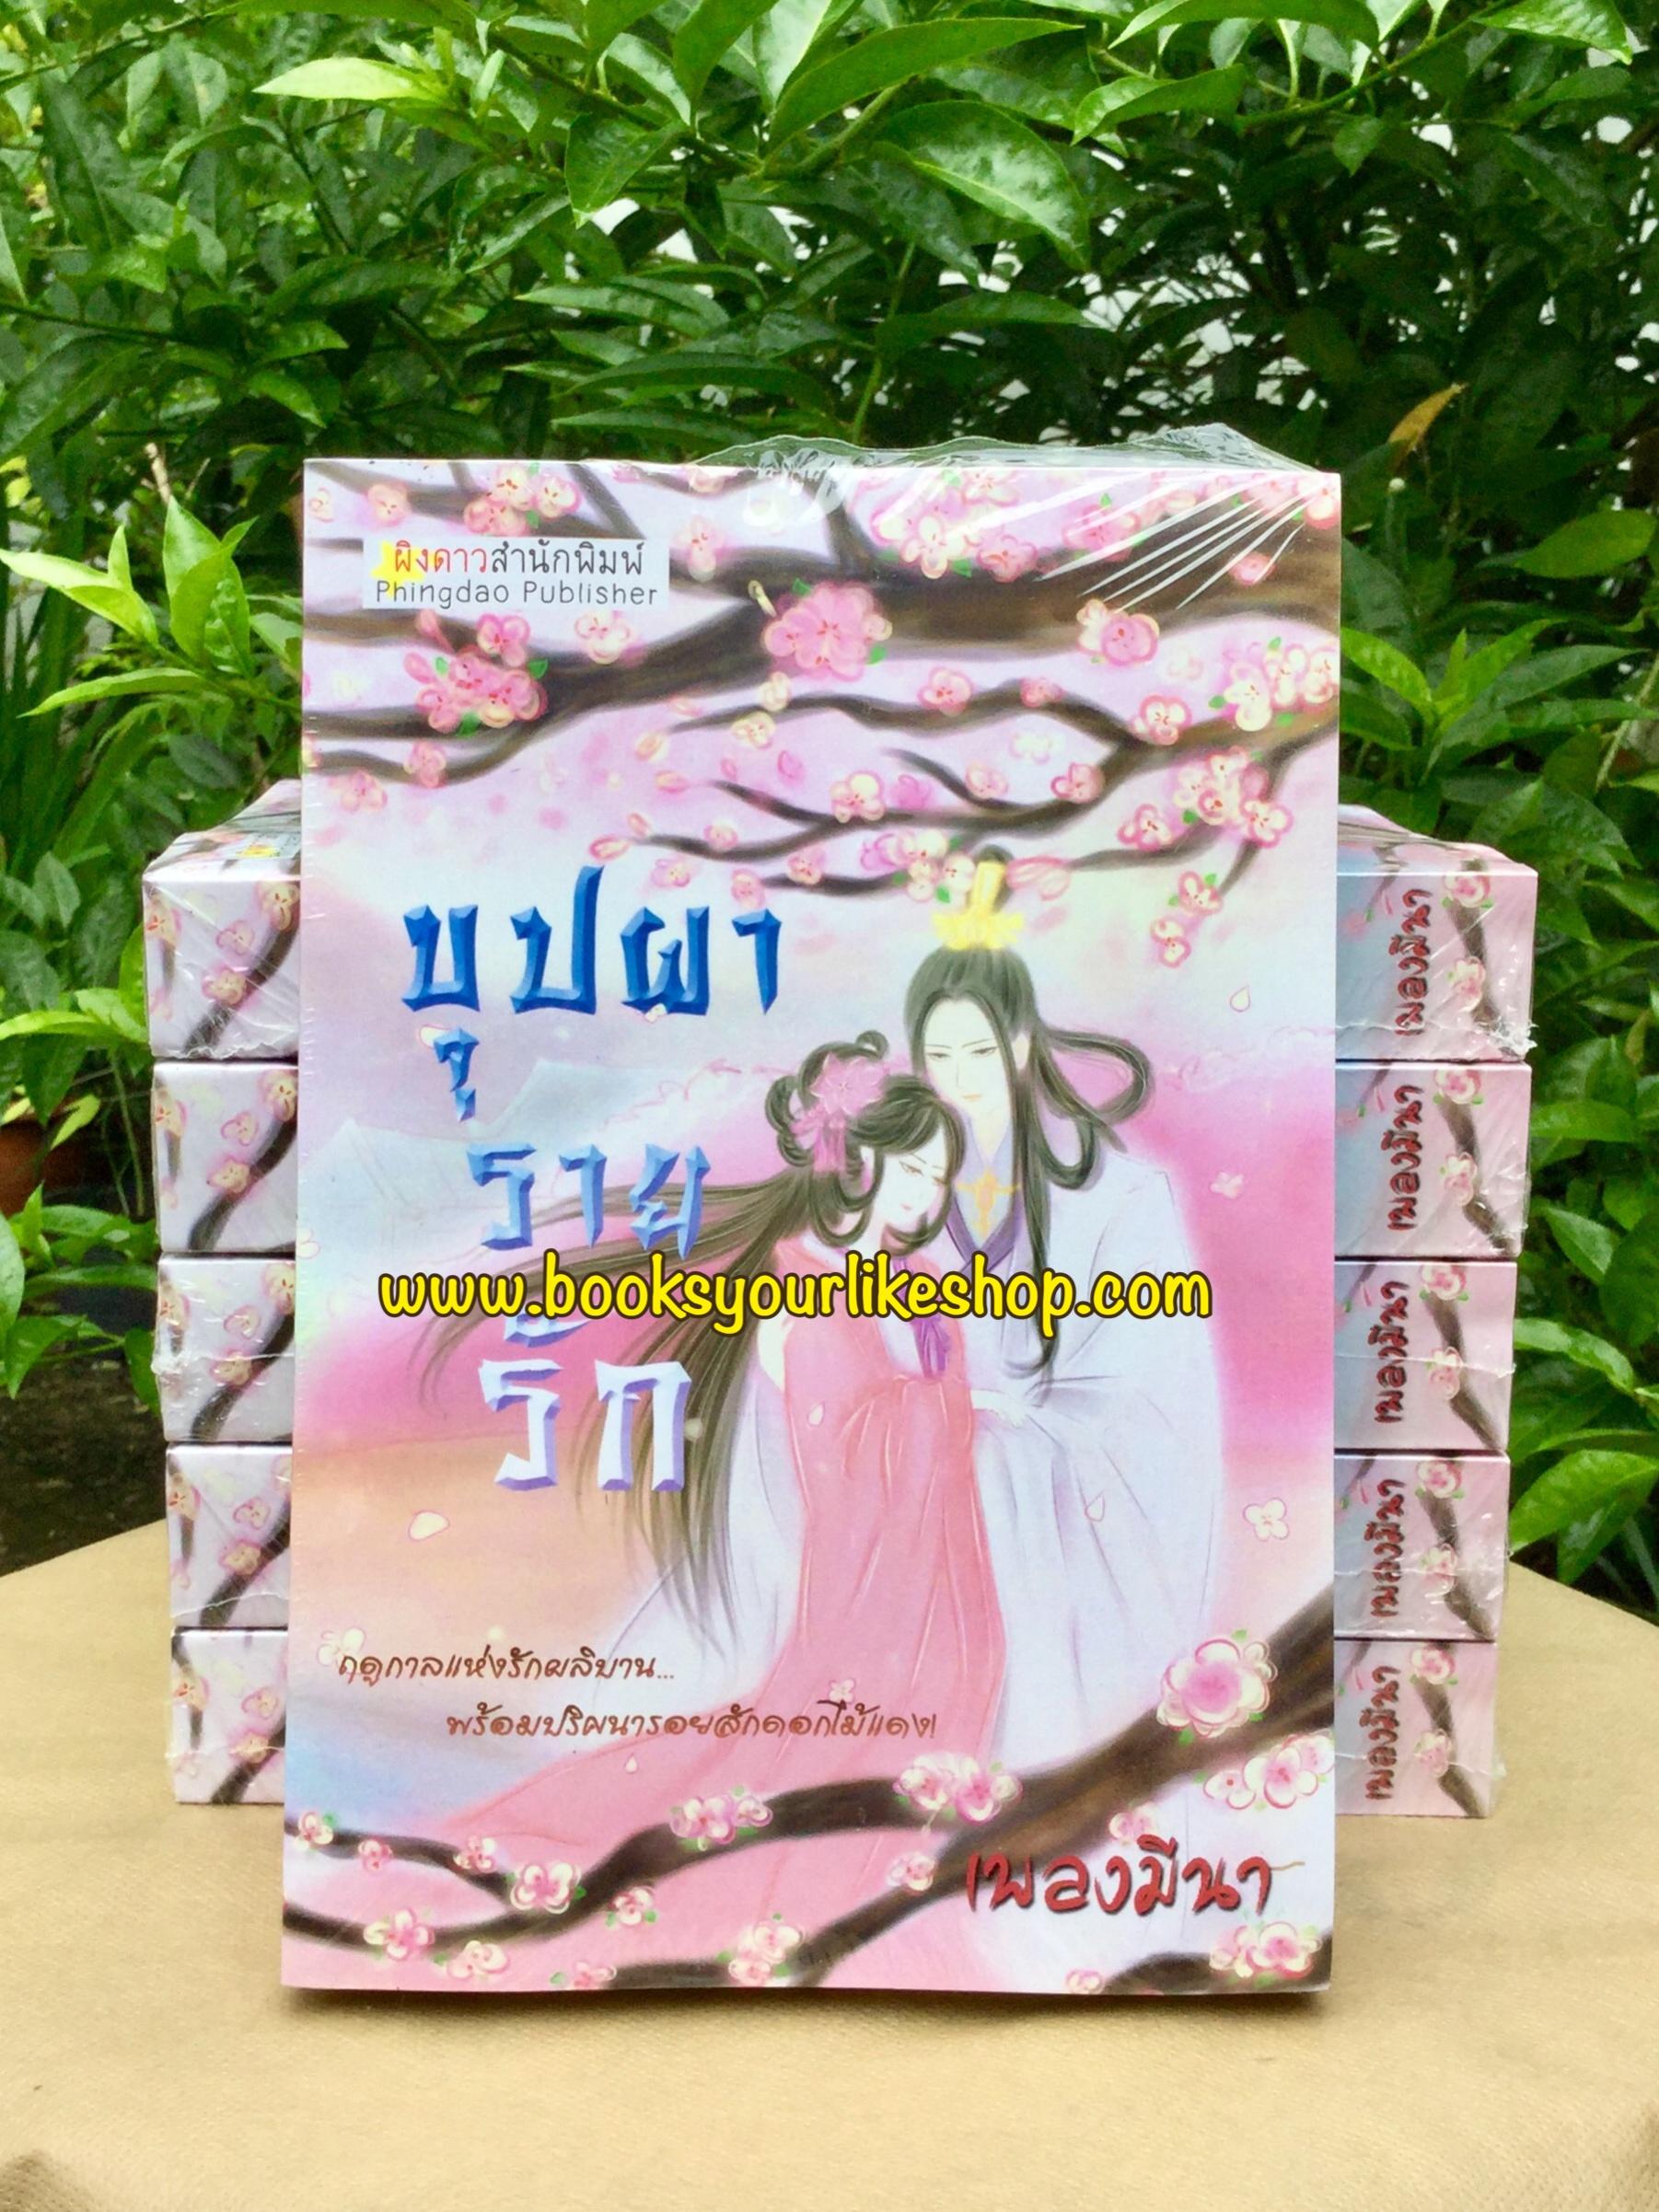 บุปผาร่ายรัก / เพลงมีนา หนังสือใหม่ทำมือ สนุกคะ หมวดจีนโบราณ